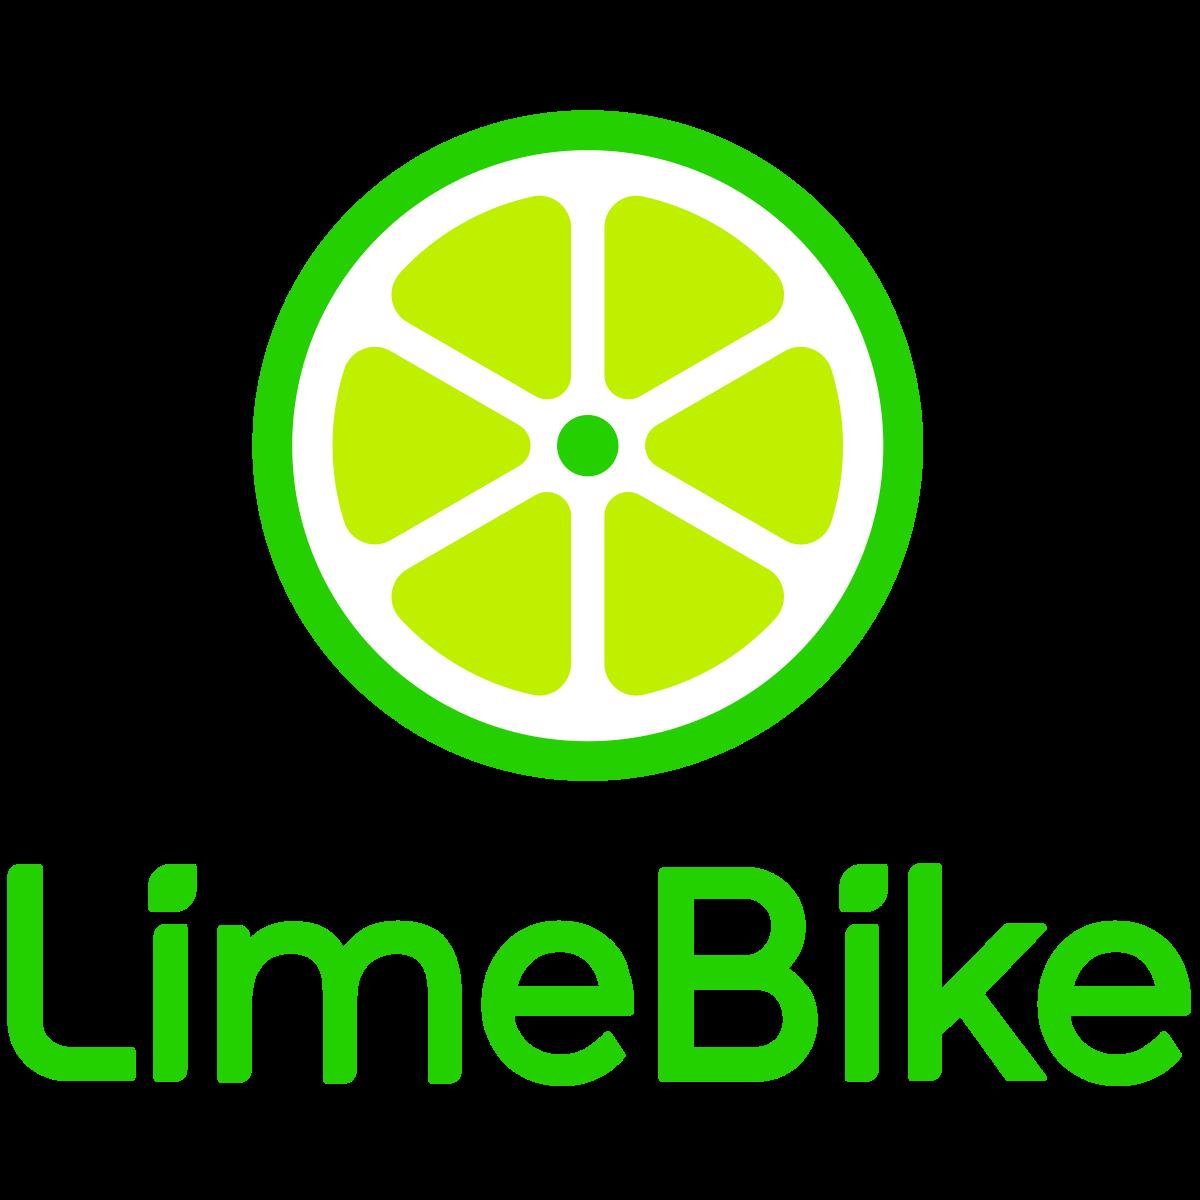 LimeBike Promo Code | Gutschein für 3 Freifahrten